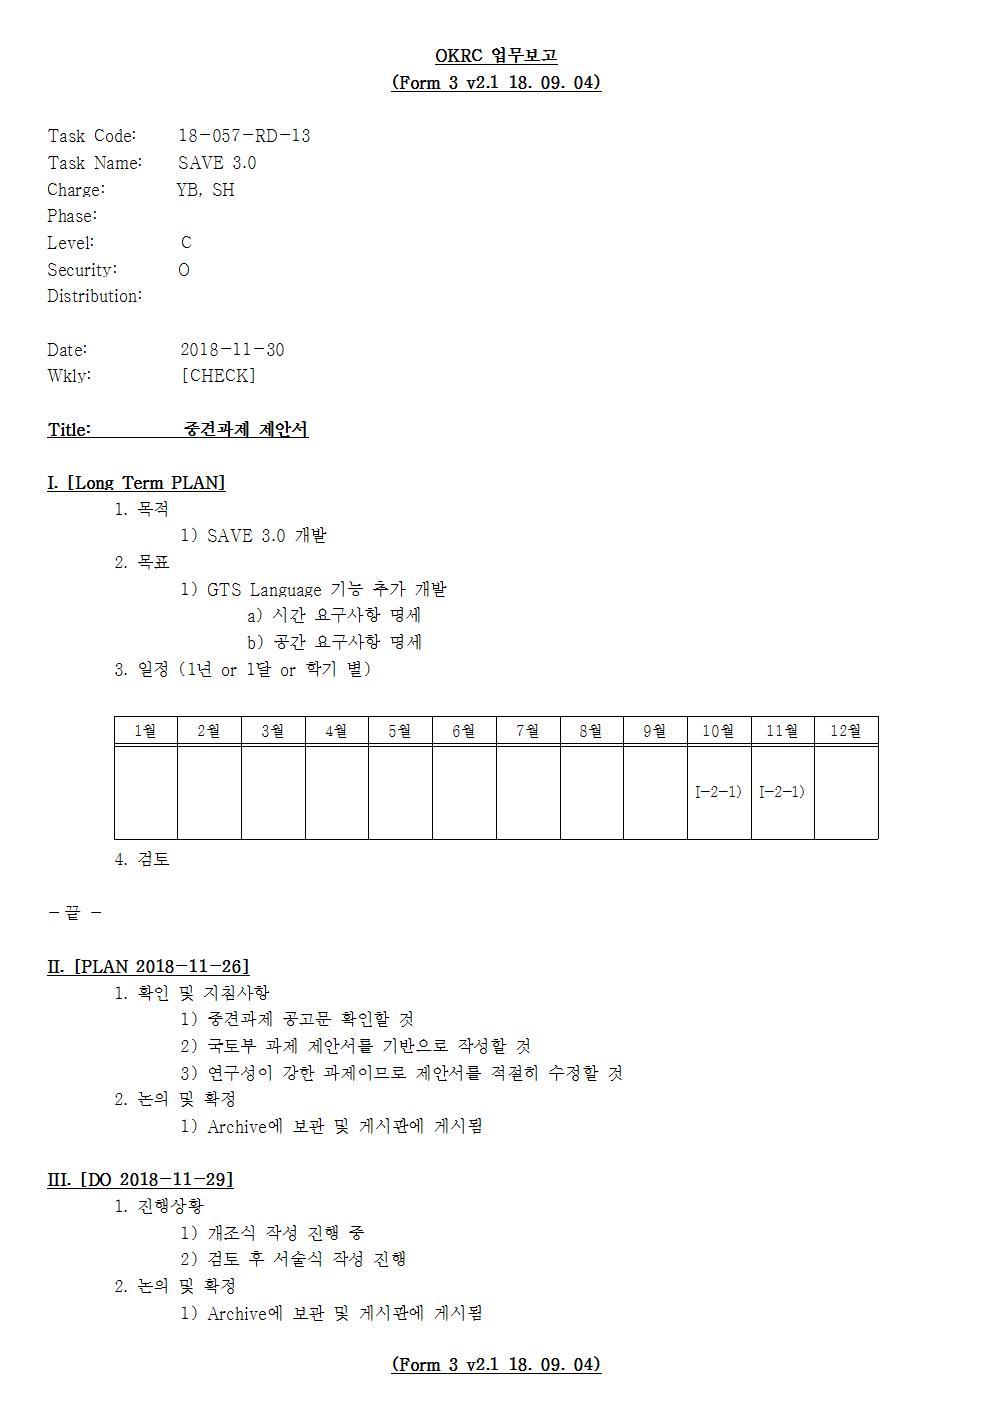 D-[18-057-RD-13]-[중견과제_제안서][2018-11-30][SH]001.jpg